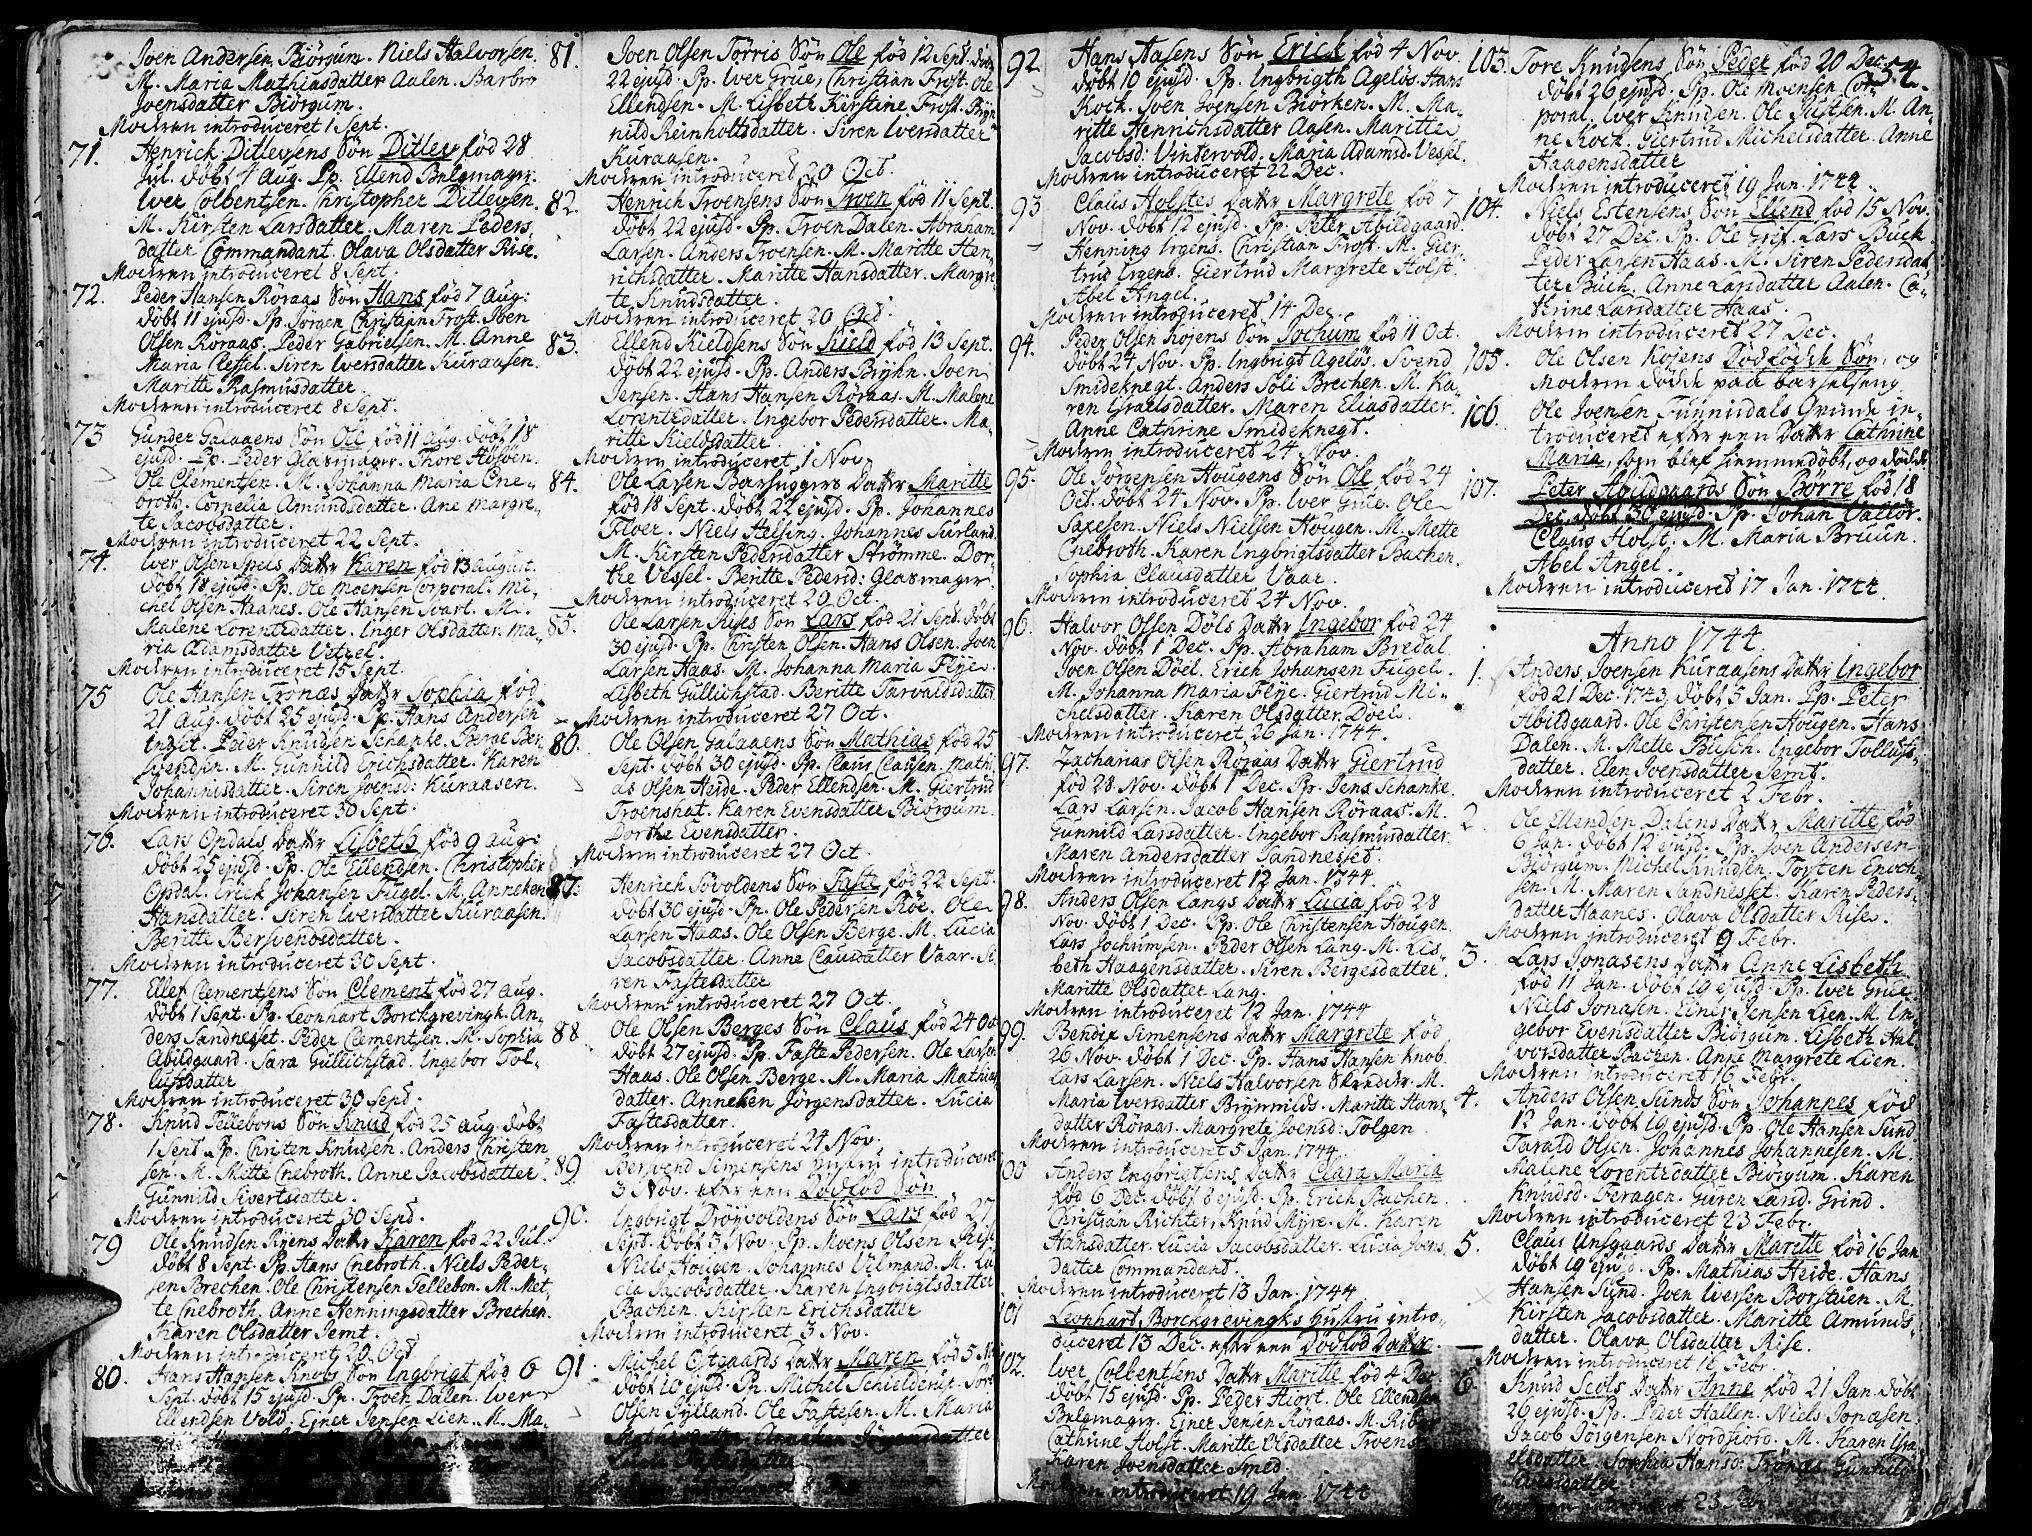 SAT, Ministerialprotokoller, klokkerbøker og fødselsregistre - Sør-Trøndelag, 681/L0925: Ministerialbok nr. 681A03, 1727-1766, s. 54